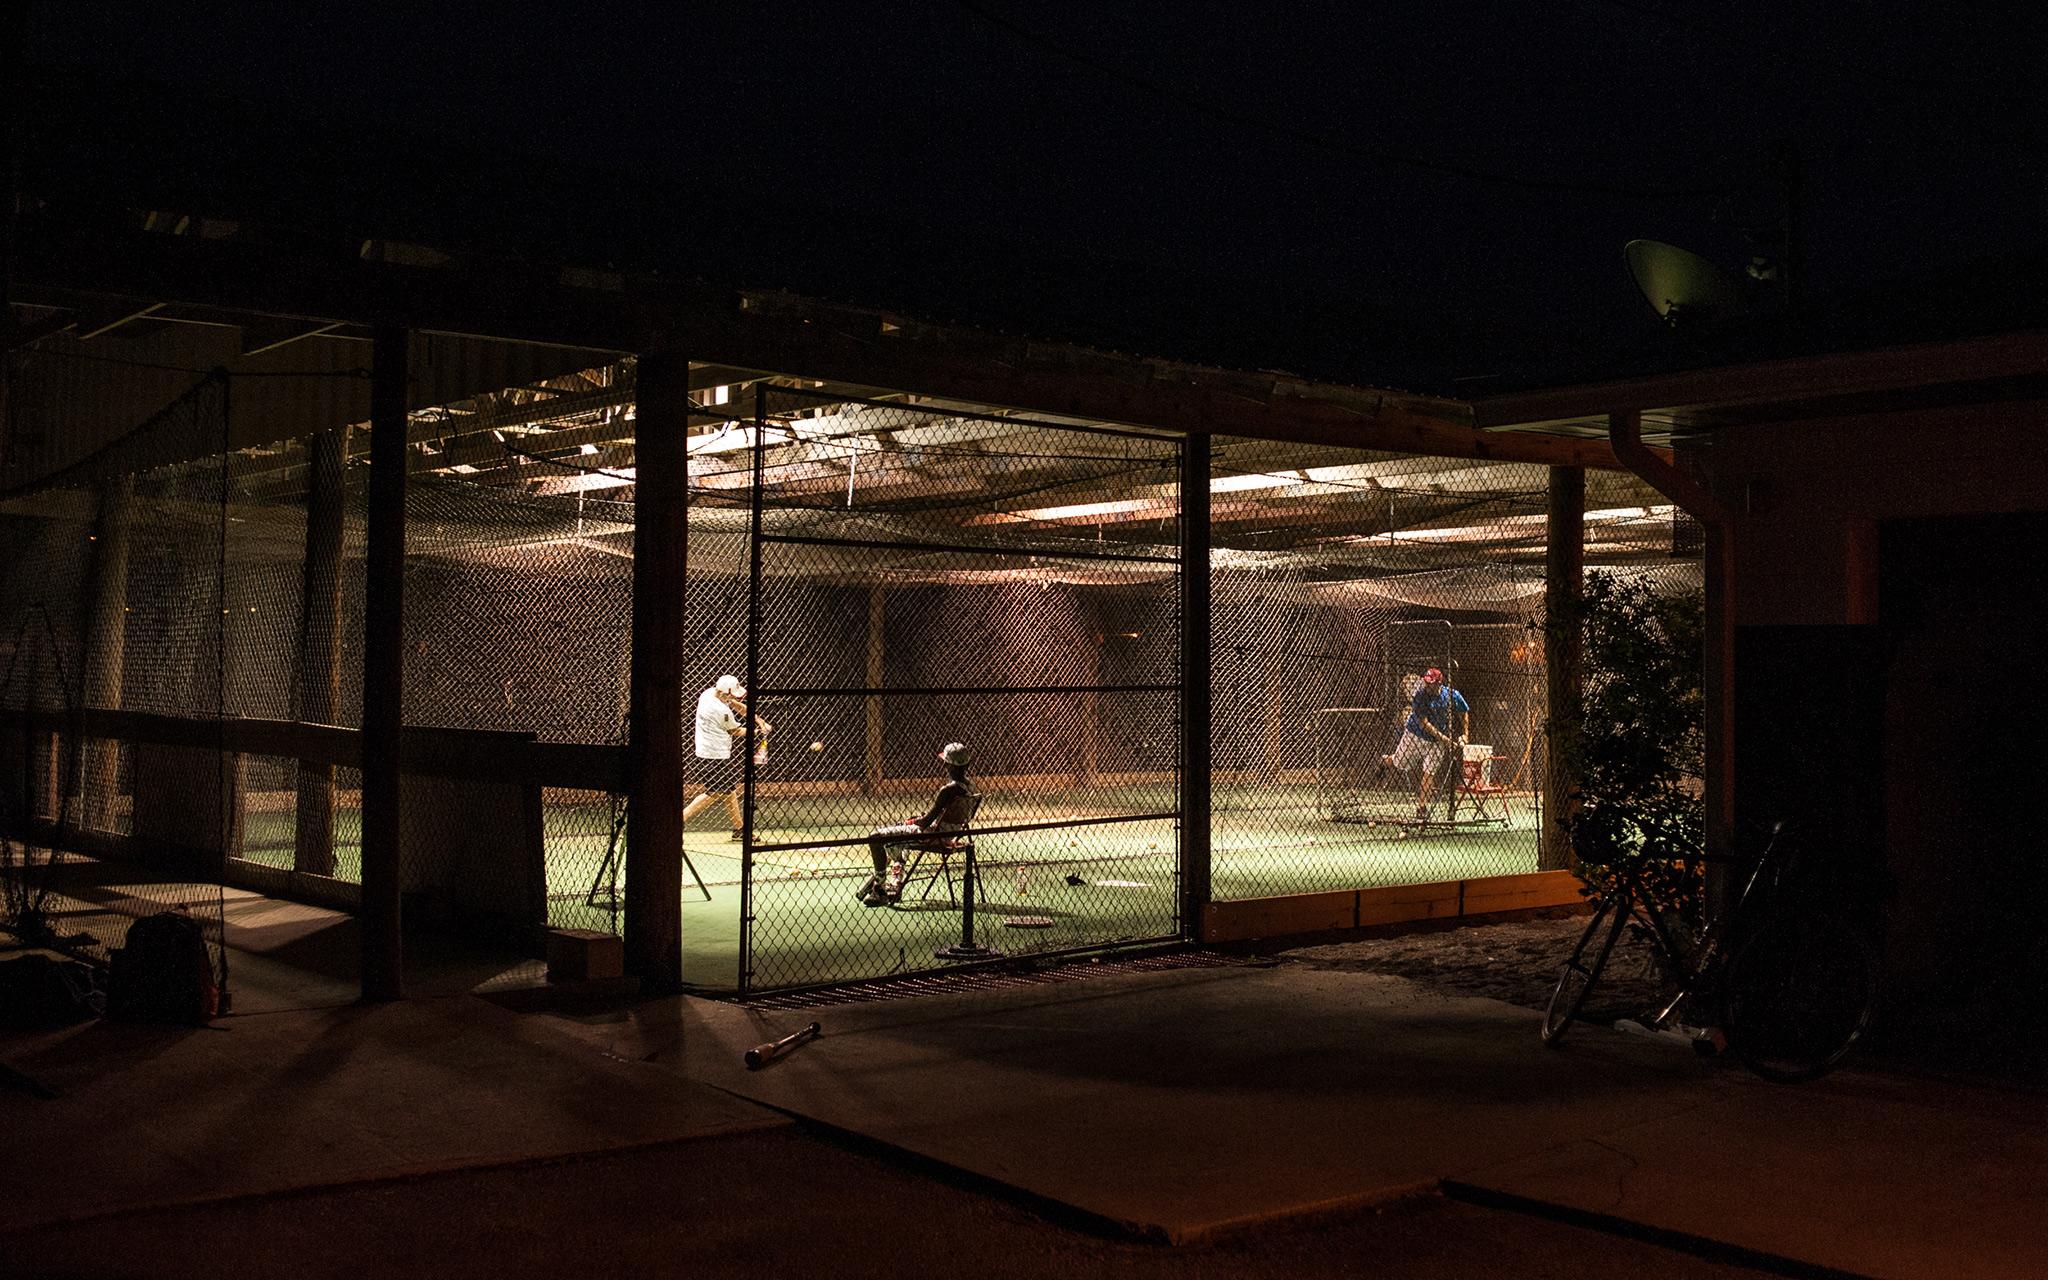 Avon Park baseball